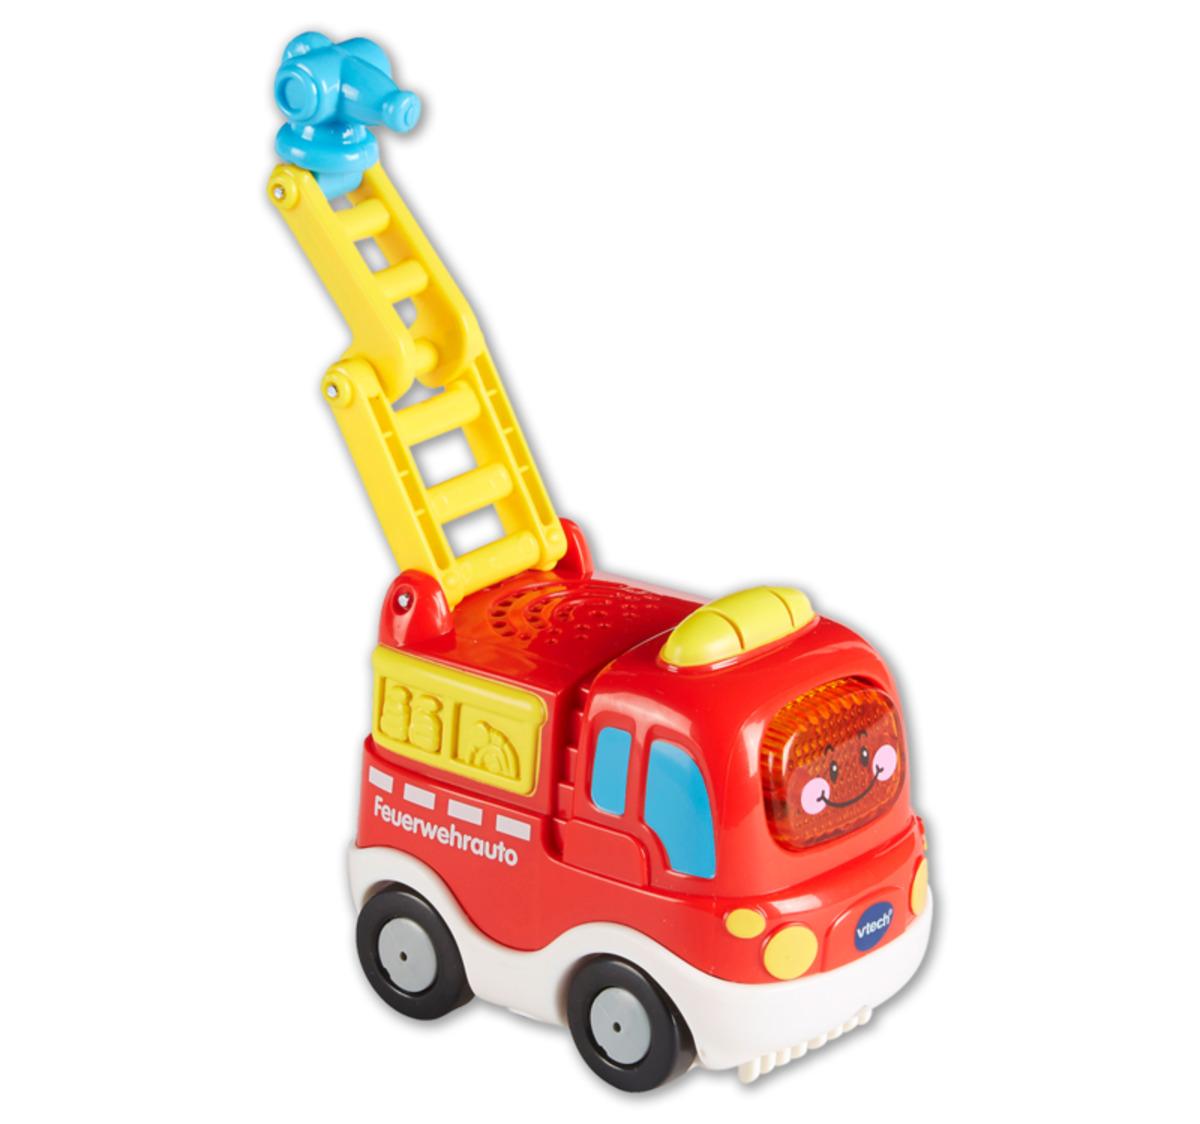 Bild 3 von VTECH Baby-Spielzeug